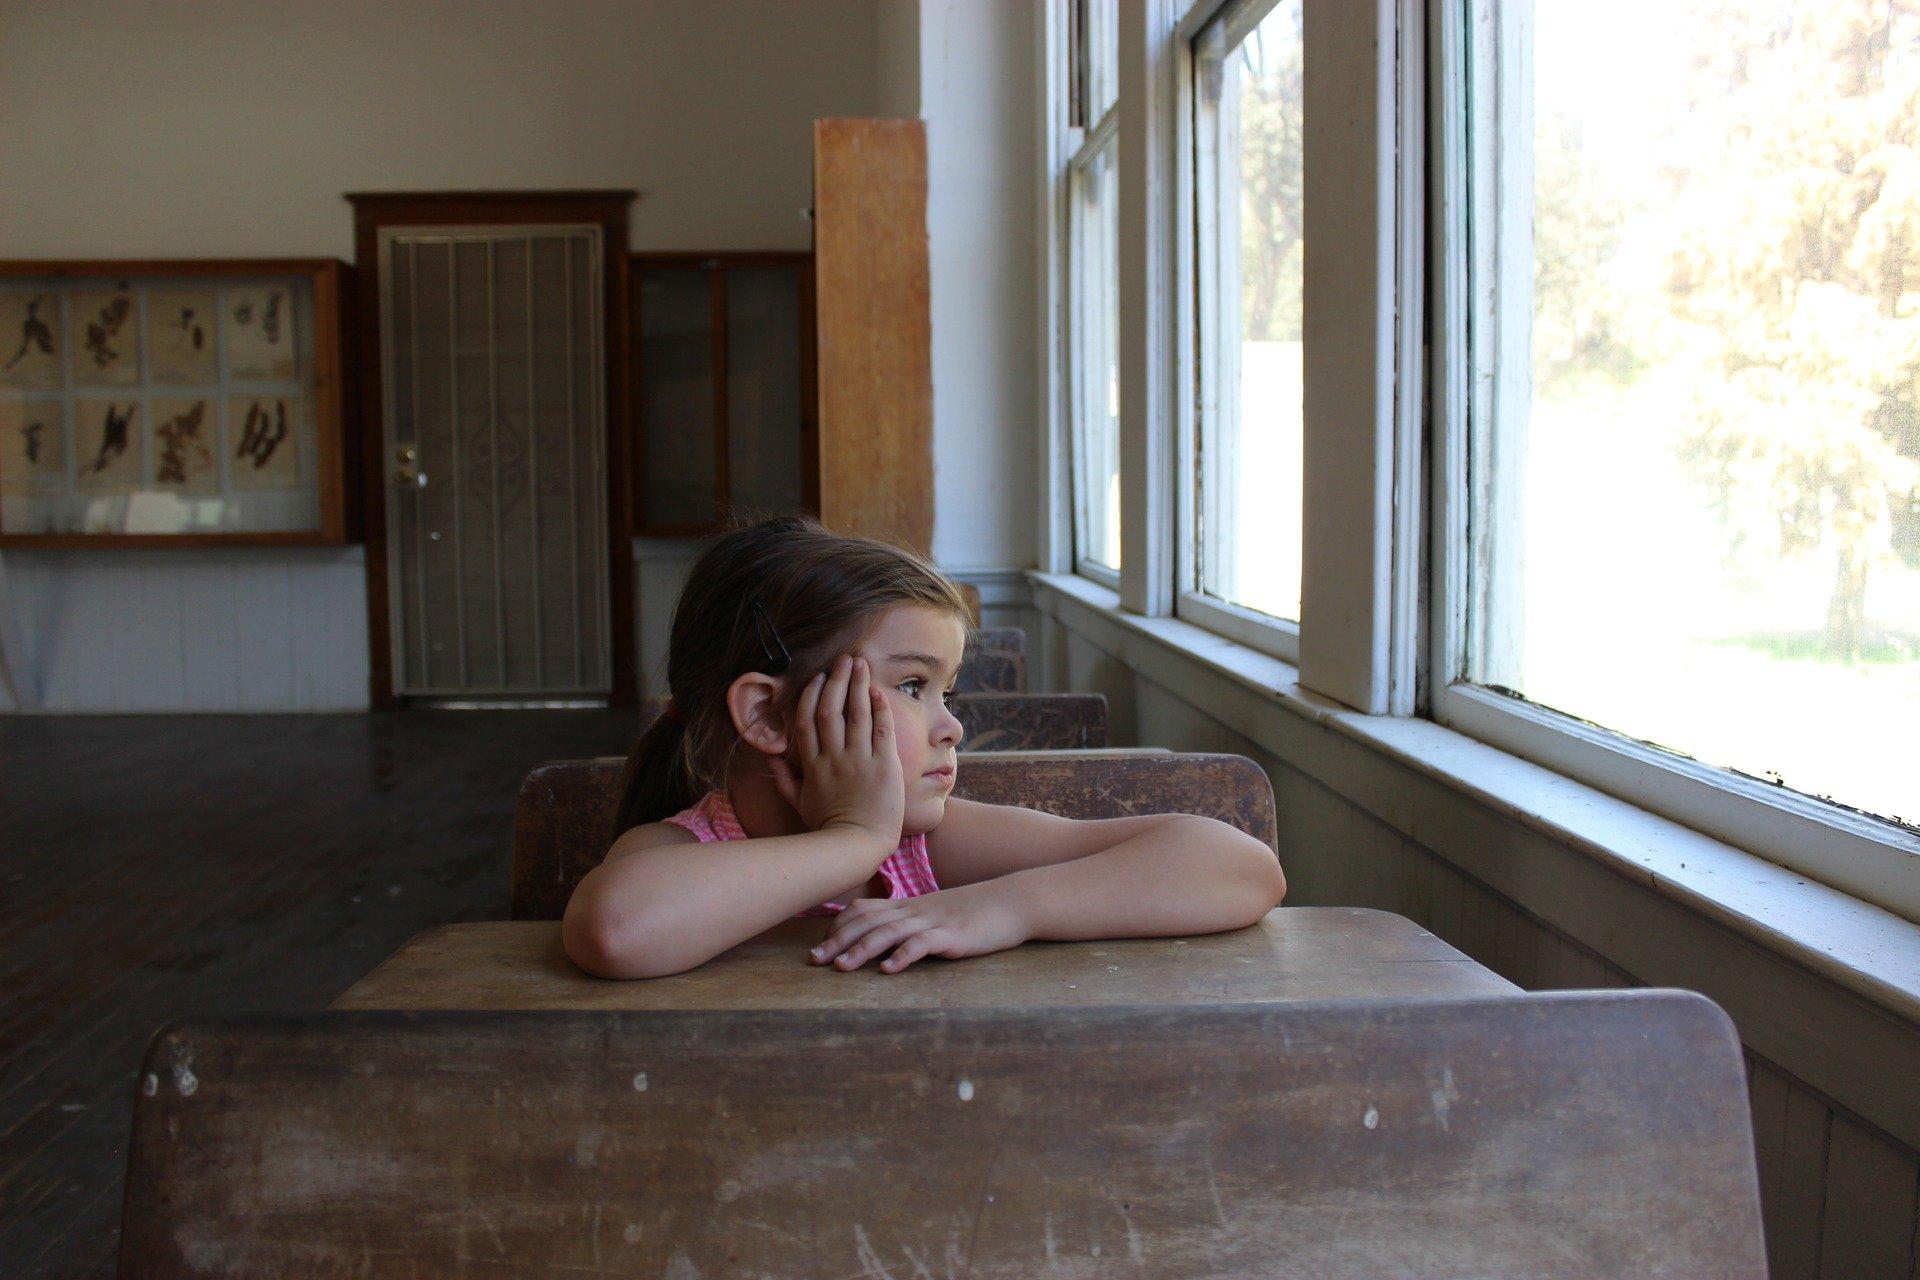 bambina sola in un banco di scuola guarda triste fuori dalla finestra